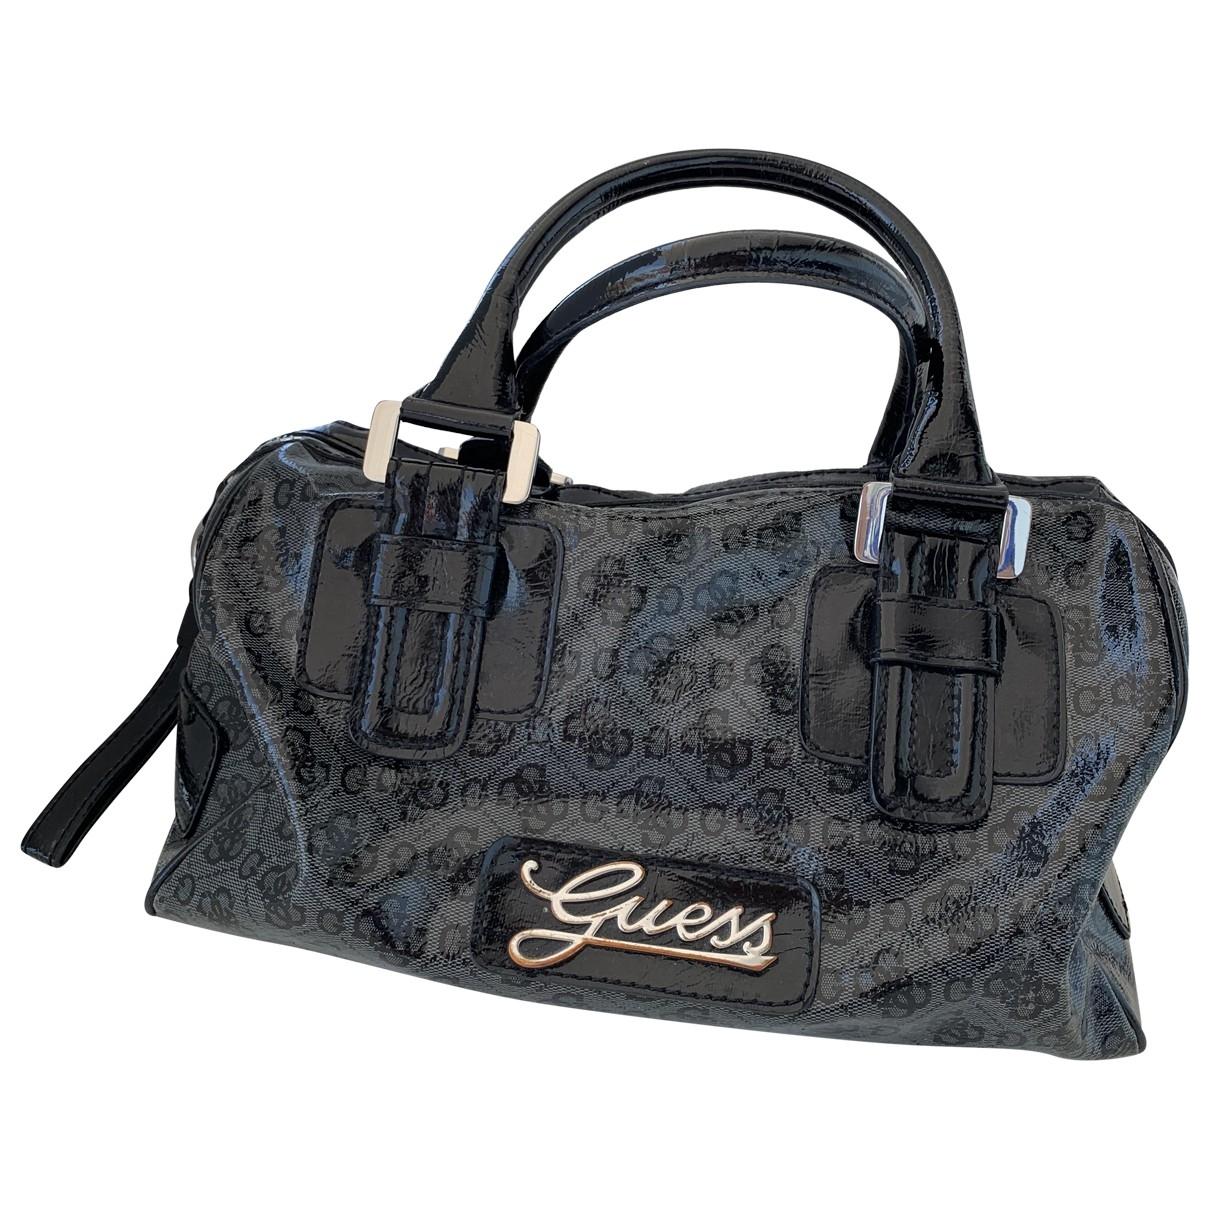 Guess X Sean Wotherspoon \N Handtasche in  Schwarz Kunststoff